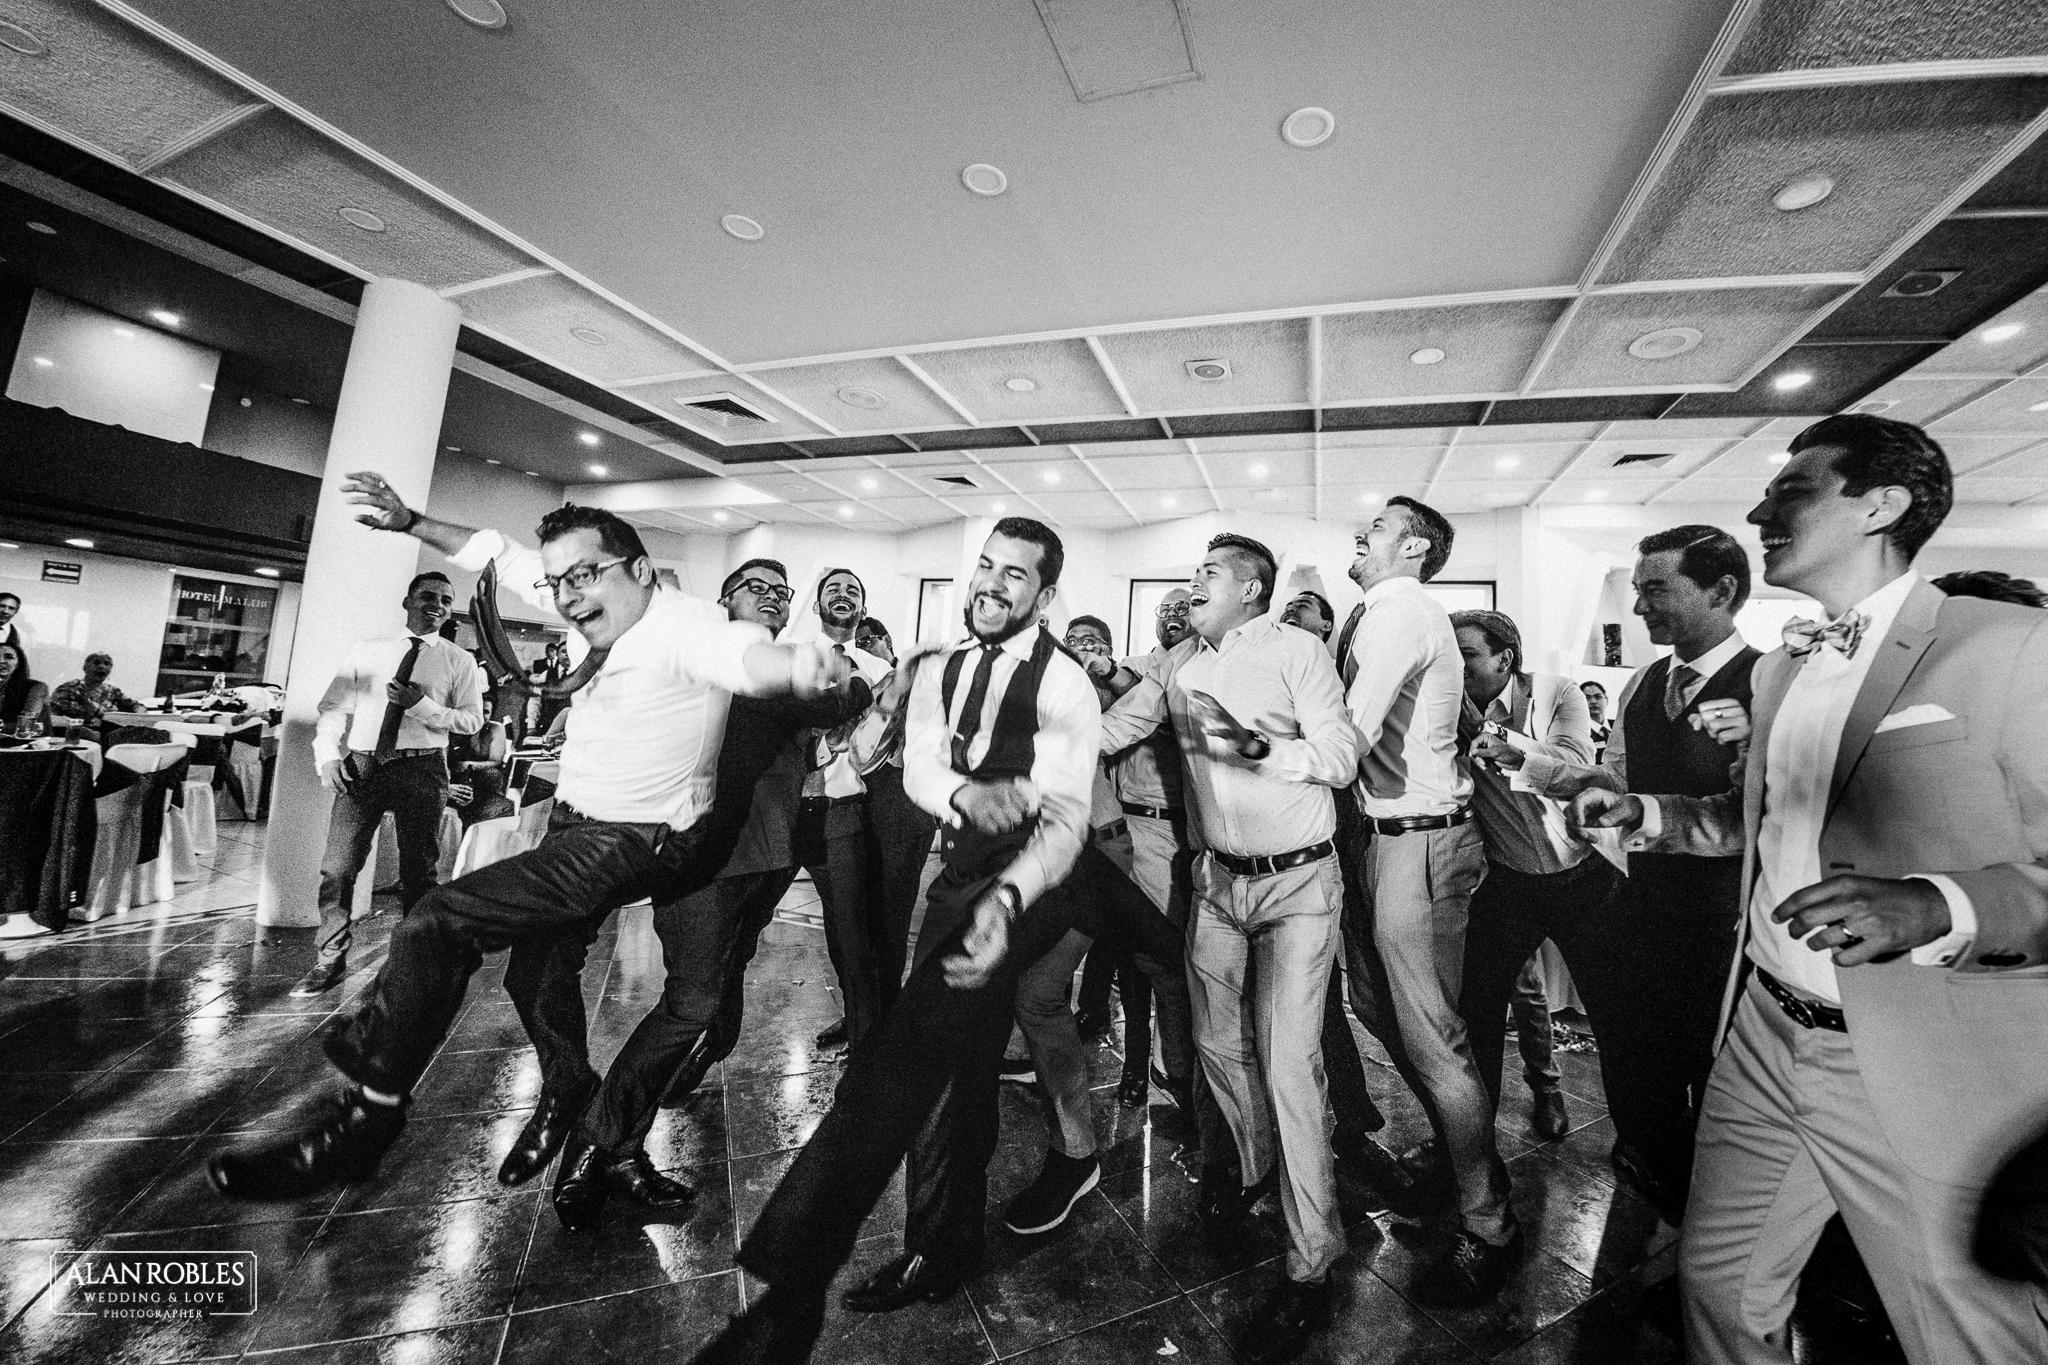 Lanzamiento de liga. Novio aventando la liga. Recepcion y fiesta de bodas. Wedding Moments, las mejores fotos de boda. Alan Robles fotografo de bodas en Guadalajara.